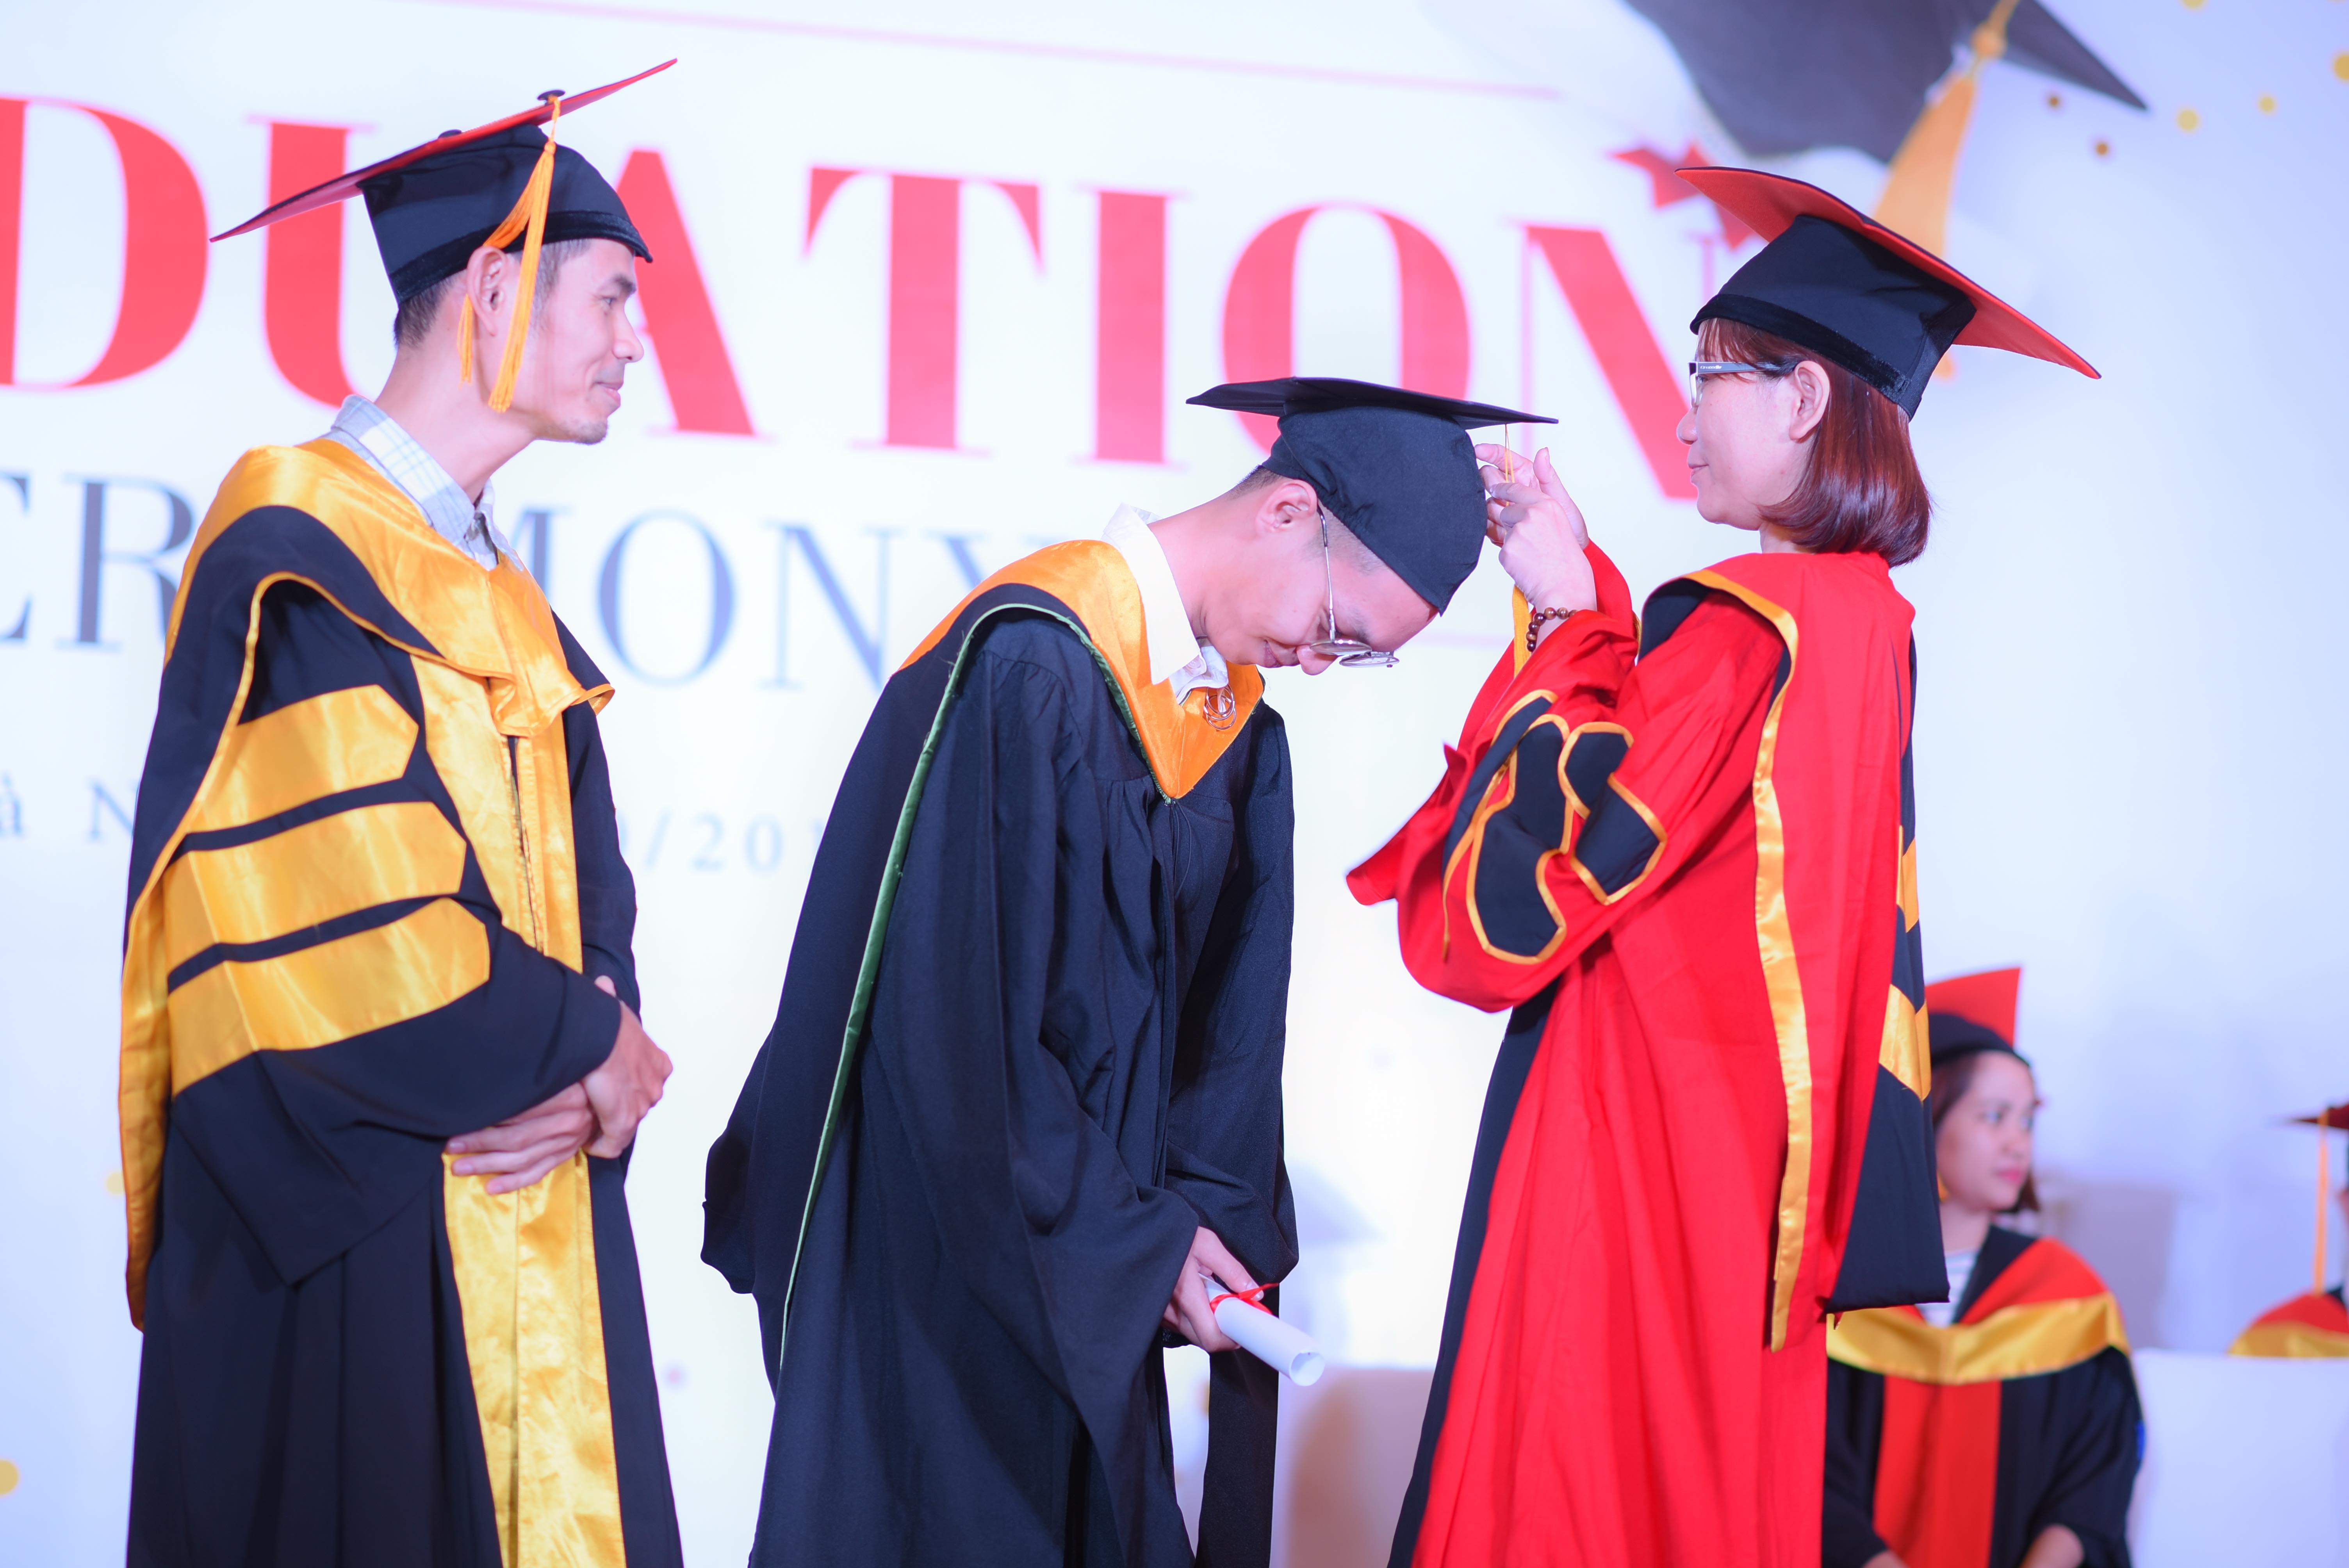 Sau FPT Aptech, các sinh viên FPT Arena là những người tiếp theo thực hiện nghi thức tốt nghiệp. Thầy Hà Dũng Hiệp - Giám đốc chuyên ngành FPT Arena và cô Lê Thị Hồng Hạnh - Giám đốc Viện Đào tạo Quốc tế FPT là những người thực hiện nghi thức này cùng các sinh viên.